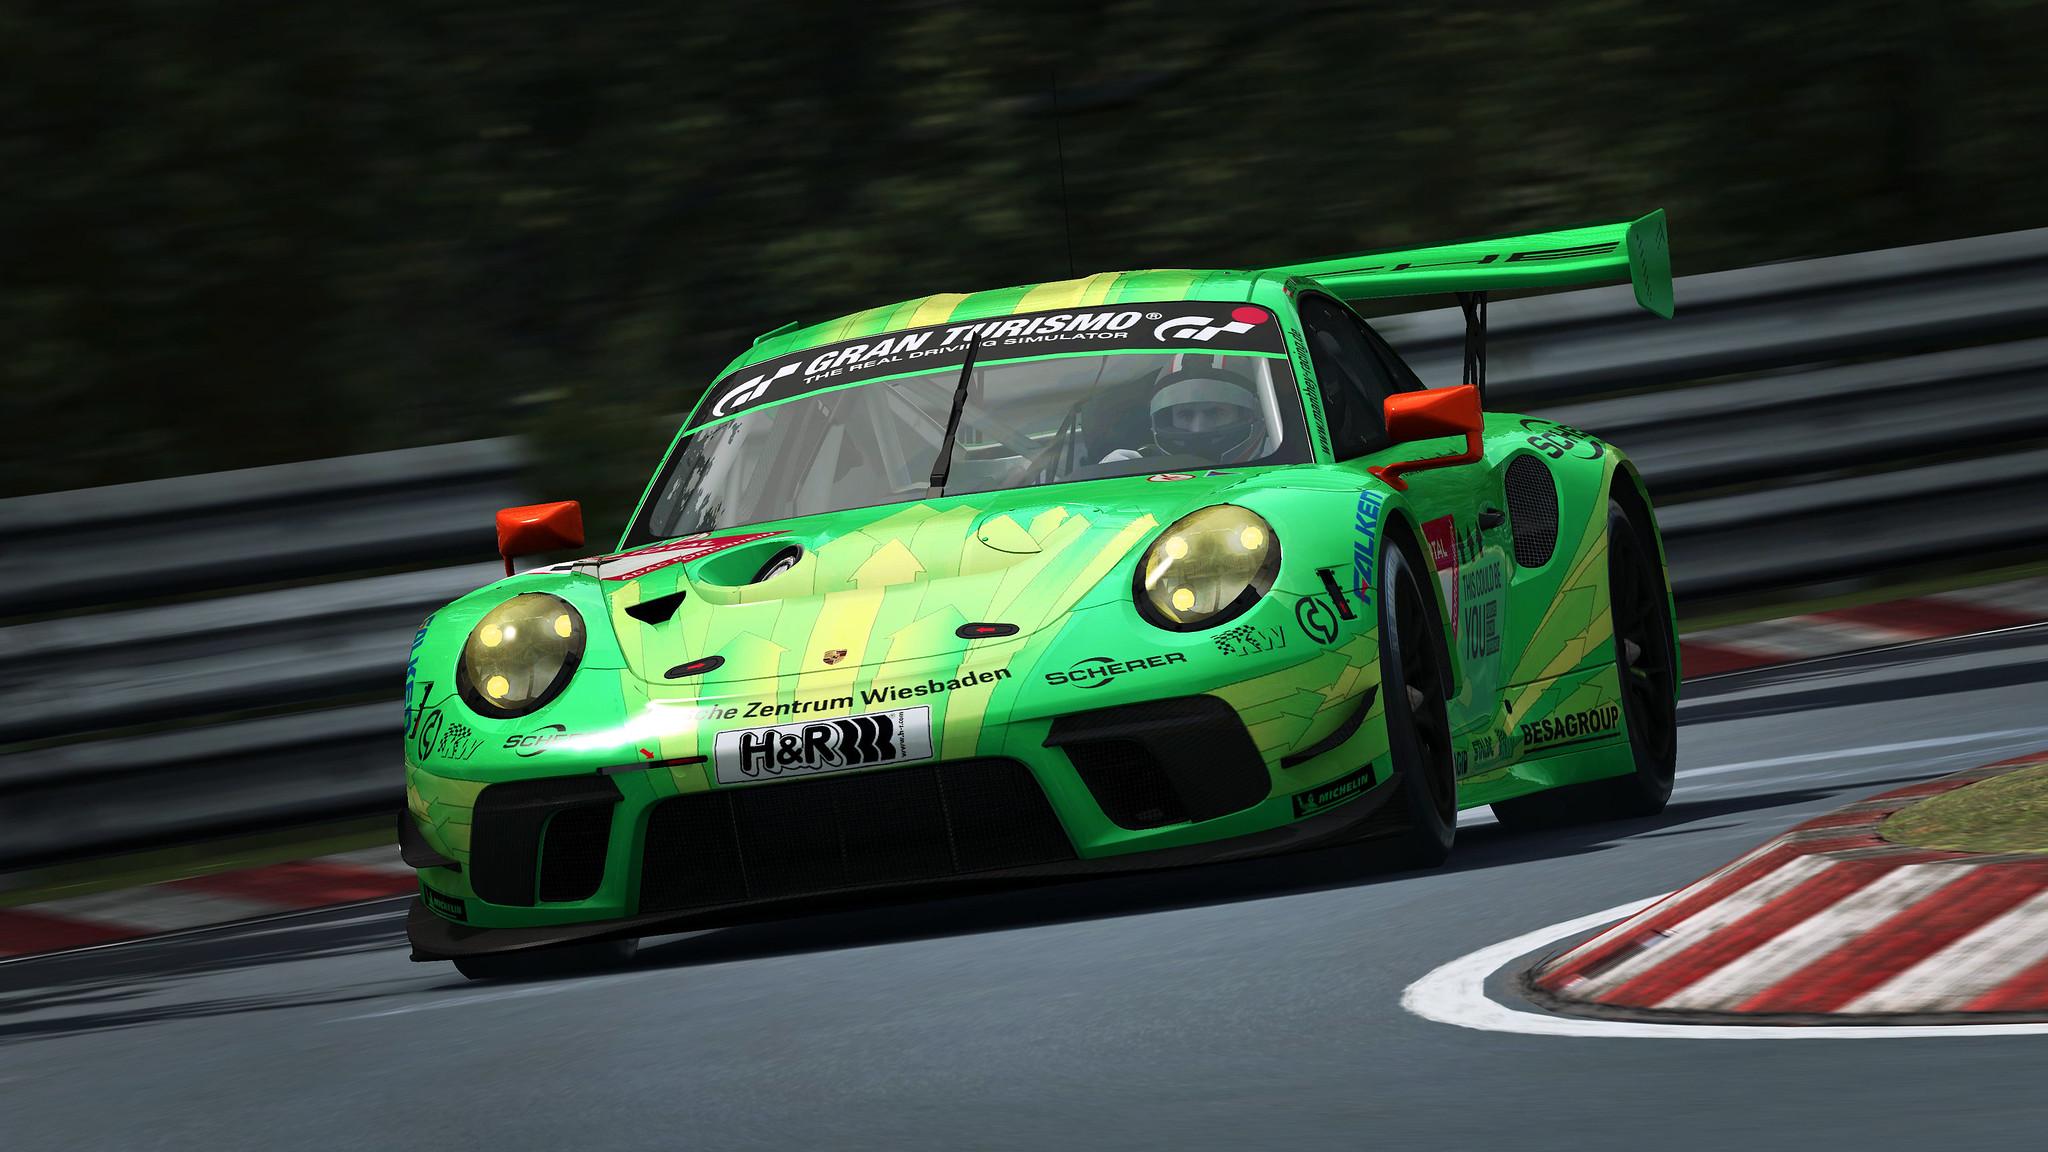 R3E Porsche 911 GT3 R 4